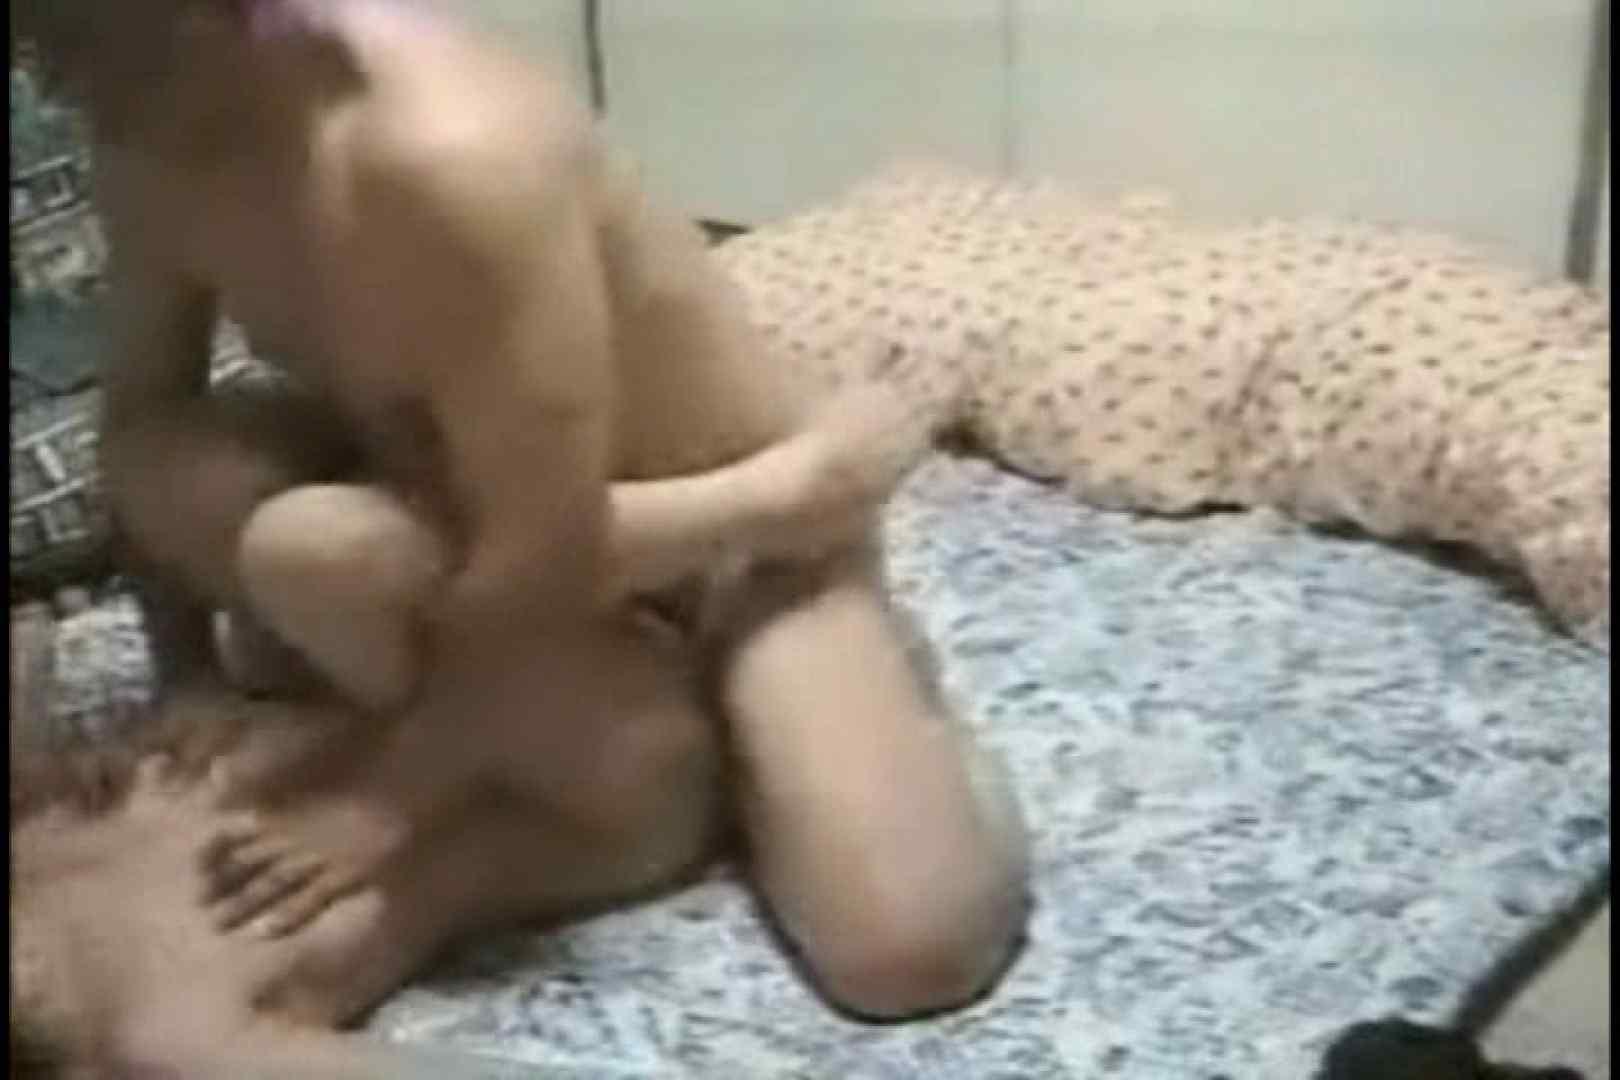 続・某掲示板に投稿された素人女性たちvol.3 投稿 | OLの裸事情  75枚 61